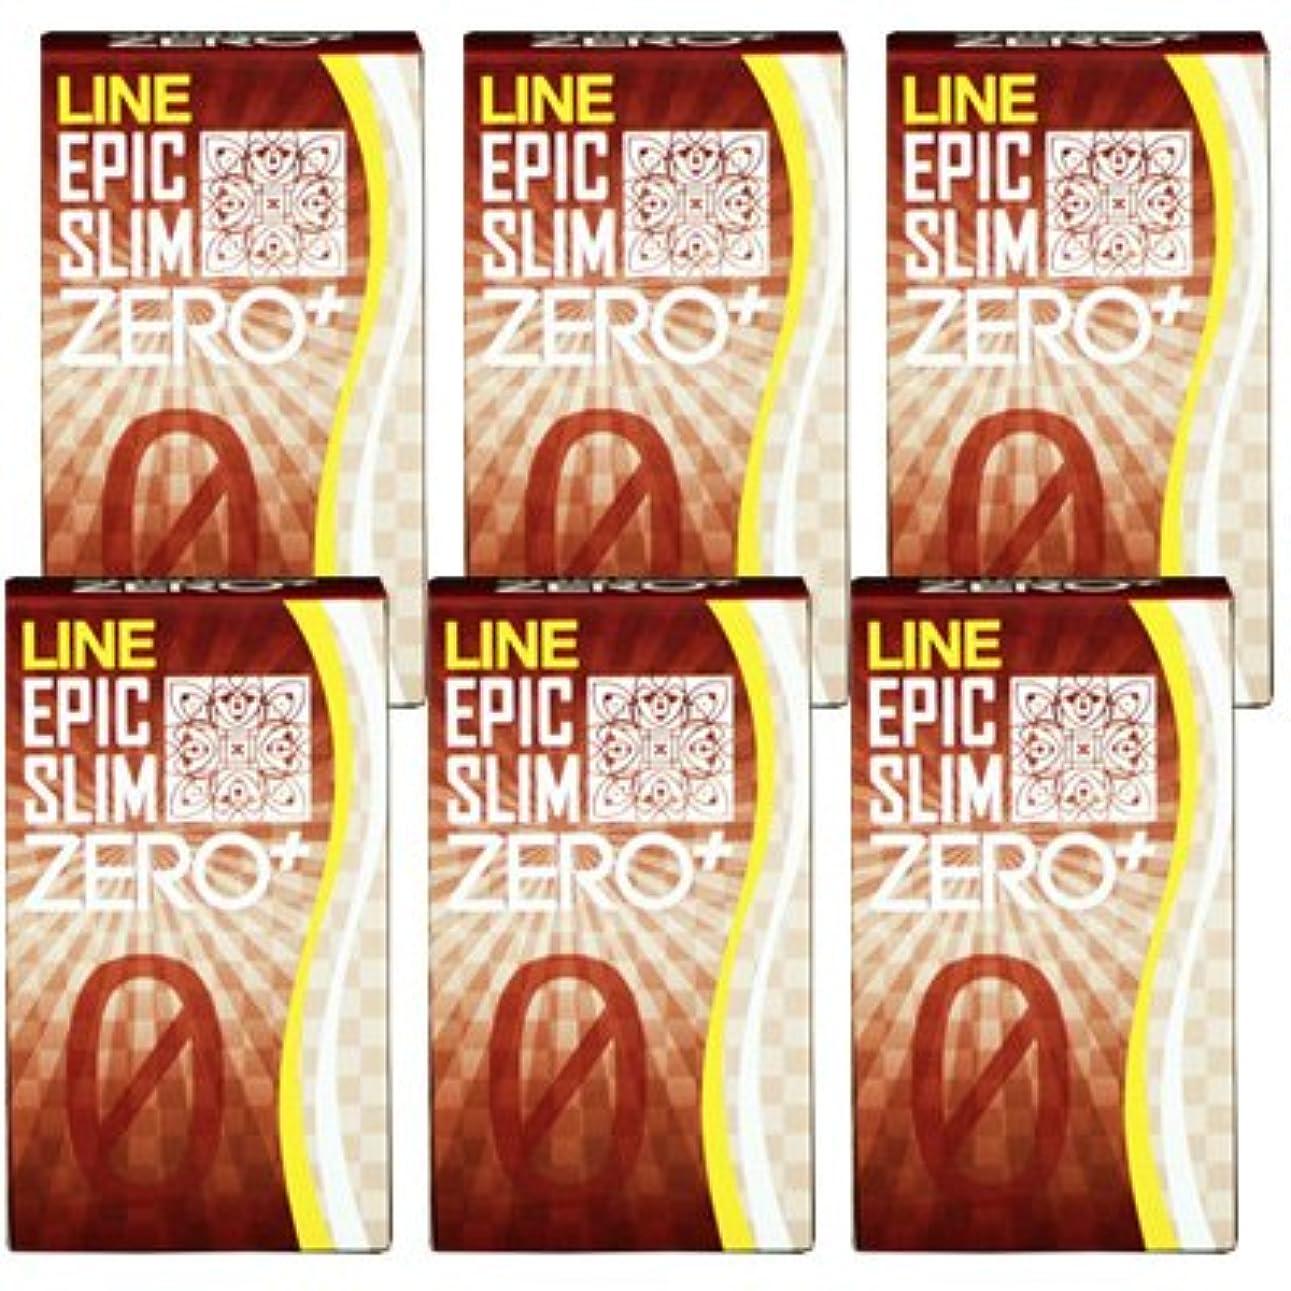 アクセスできない狂信者より平らなLINE エピックスリム ゼロ PLUS 6個セット Line Epic Slim ZERO PLUS ×6個